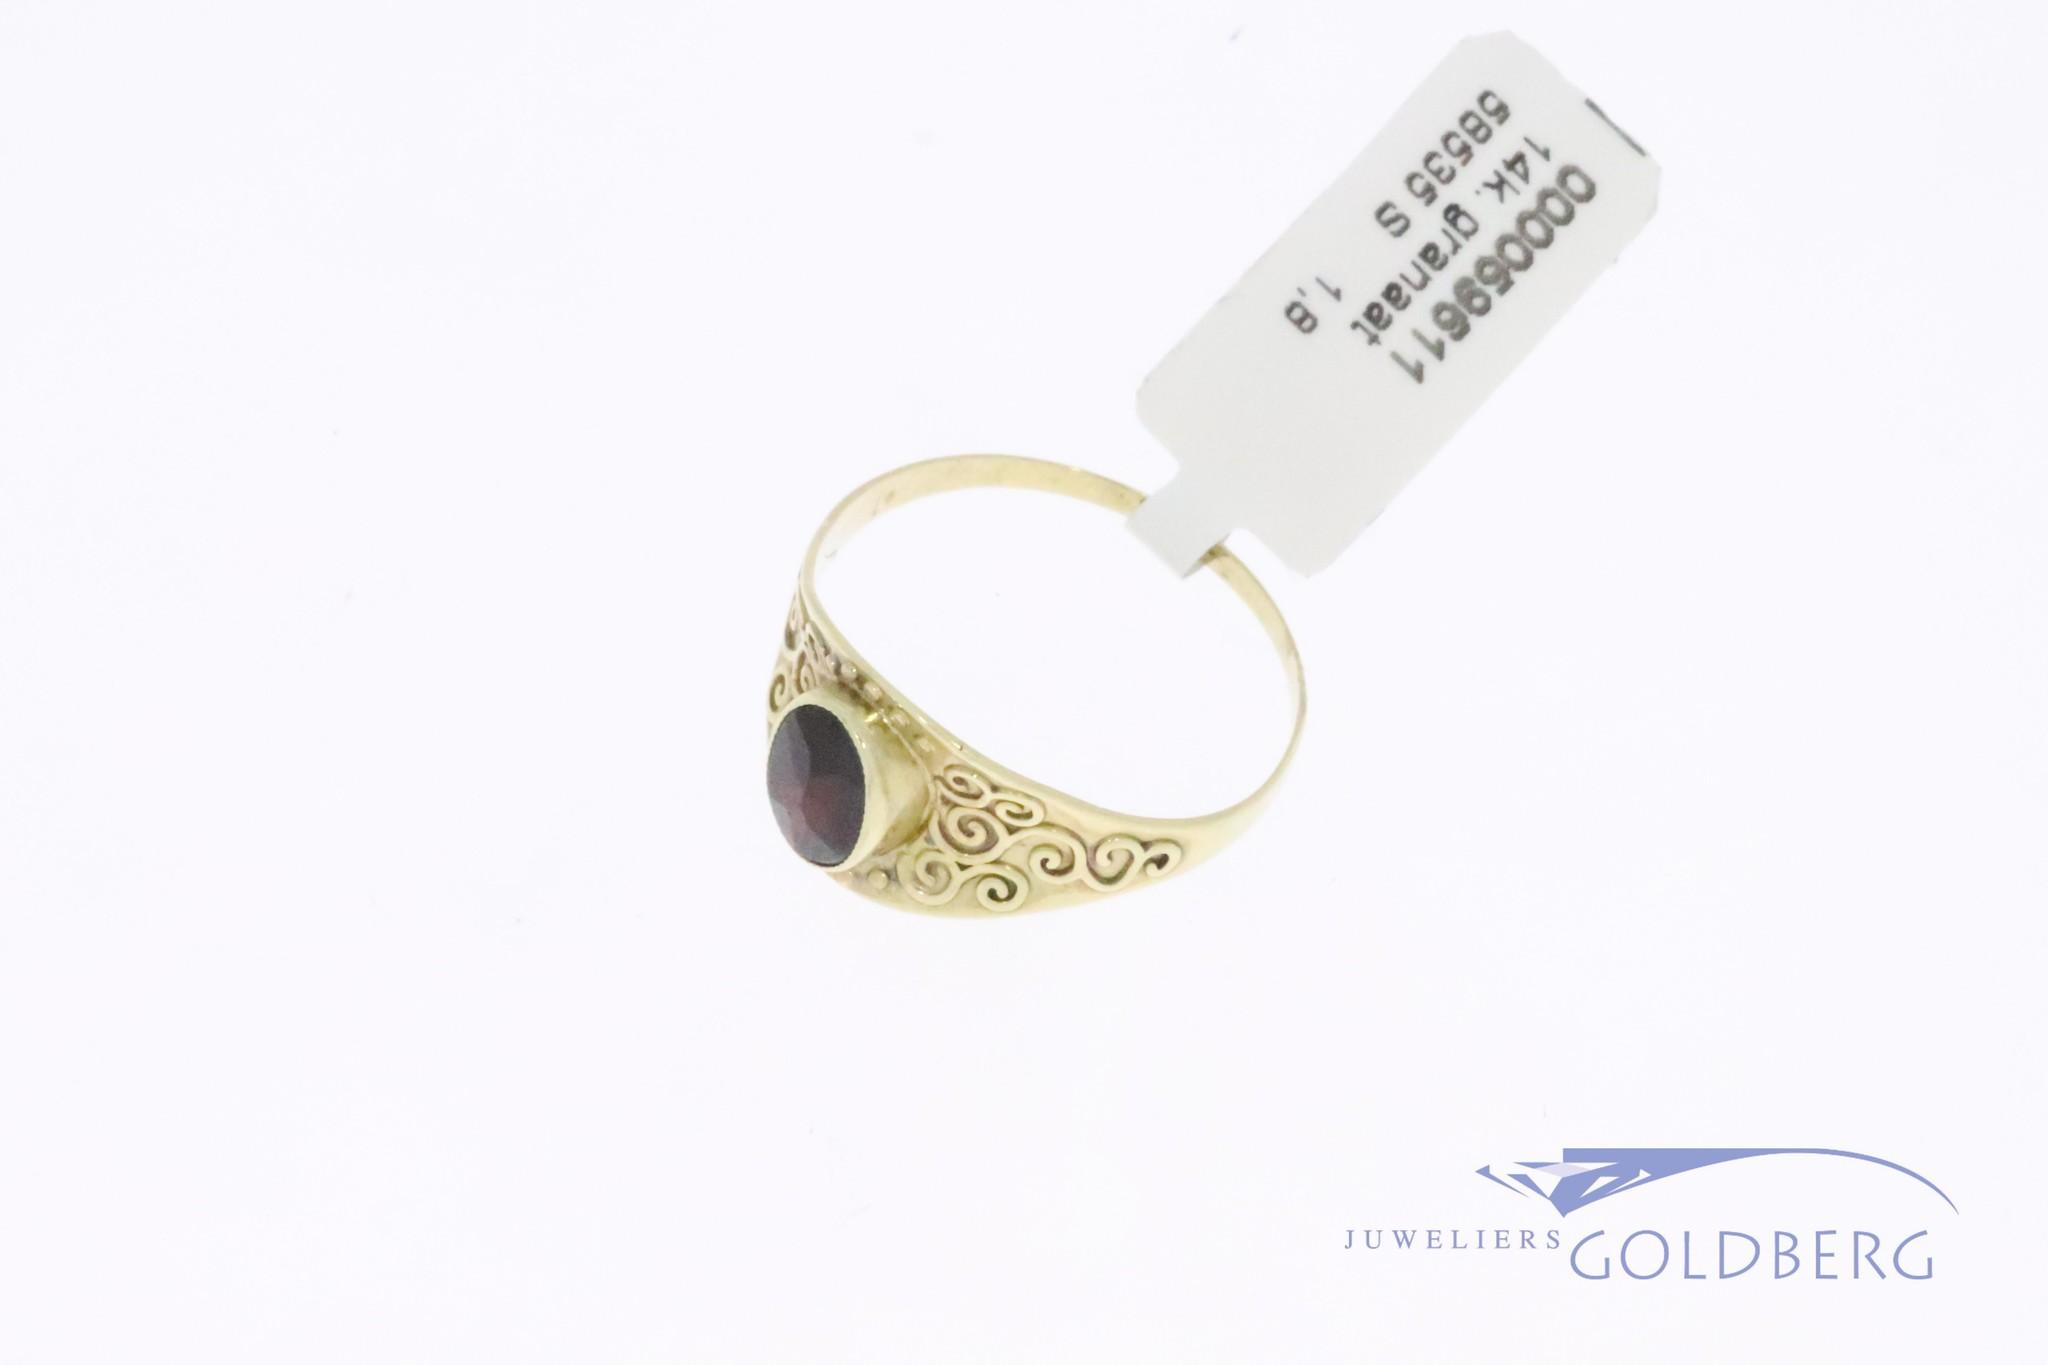 14k gouden dunne bewerkte vintage ring met granaat